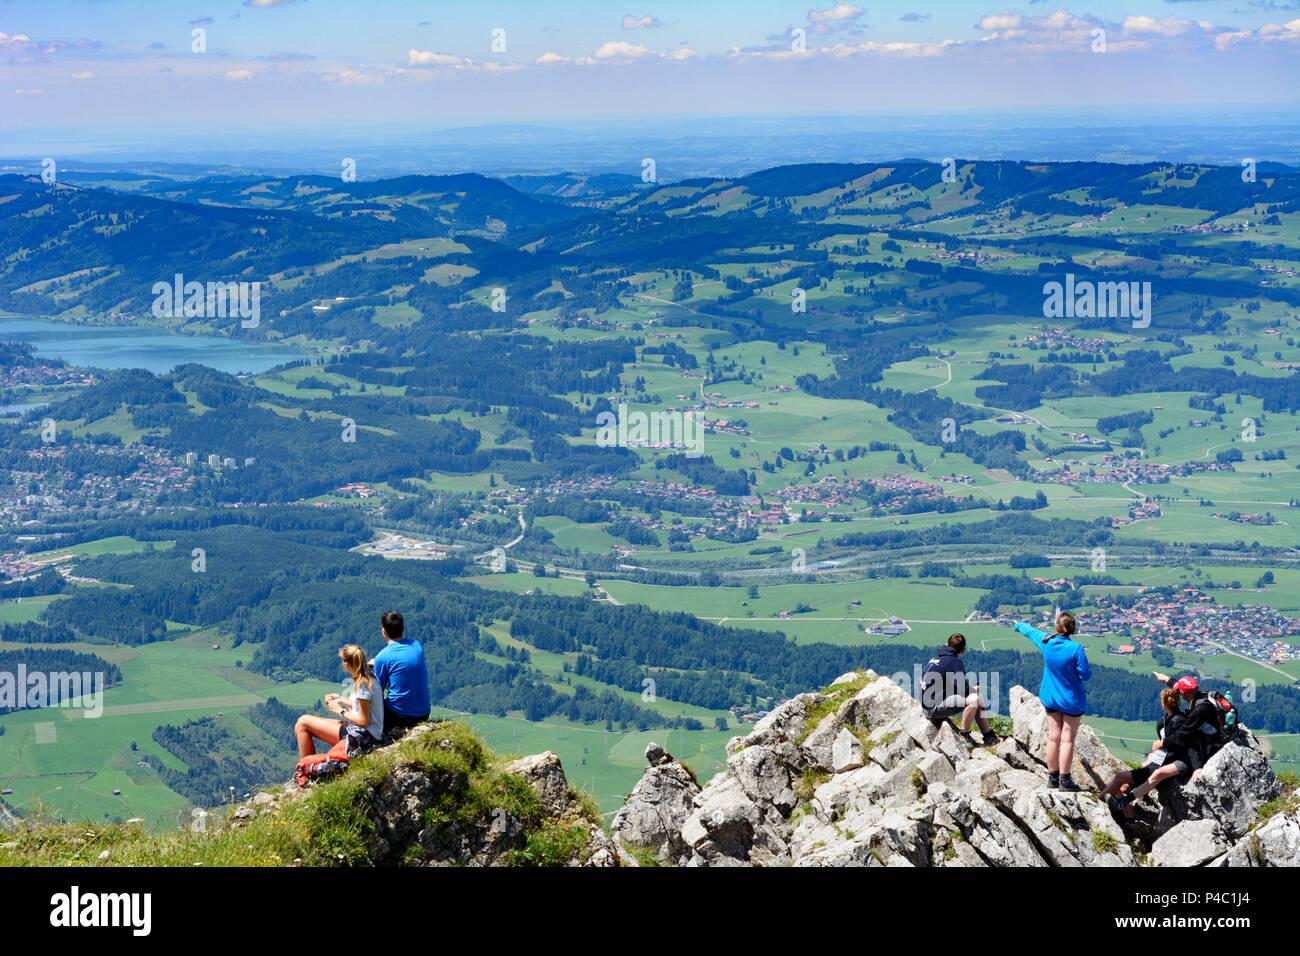 Immenstadt, mountain summit Grünten, view to Immenstadt and lake Großer Alpsee, hiker, Schwaben, Allgäu, Swabia, Bavaria, Germany Stock Photo